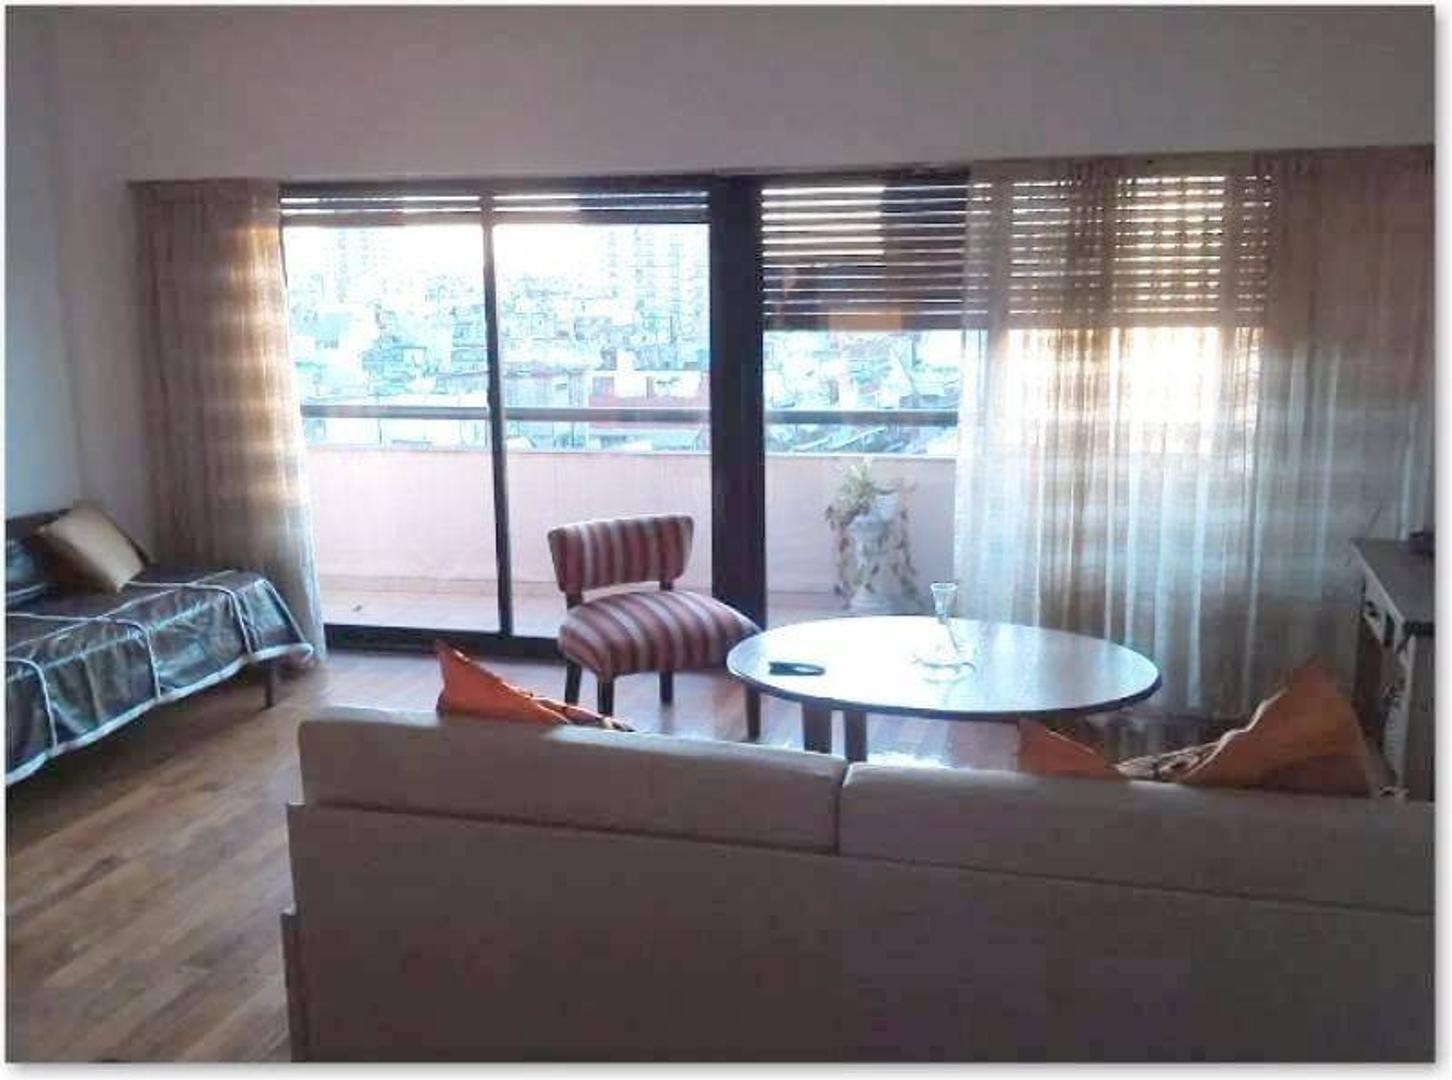 Recoleta 4 ambientes con cochera vista panoramica excelente ubicacion